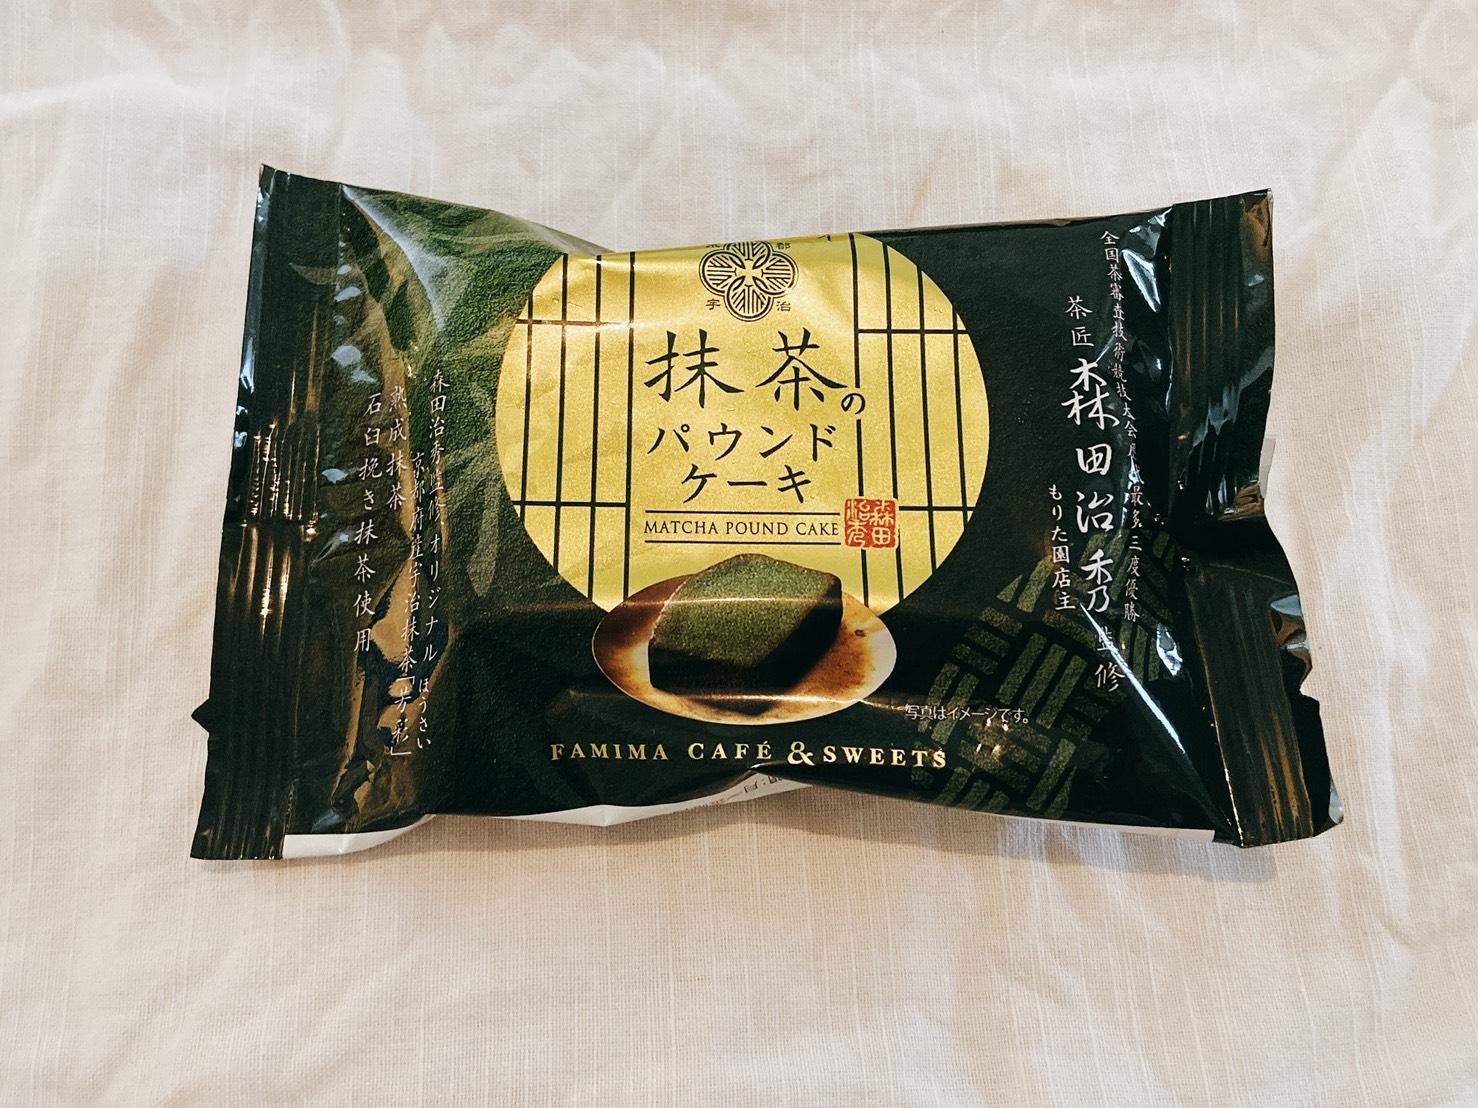 【新発売】抹茶焼き菓子3種食べ比べ!ファミマの宇治抹茶づくしレポ第2弾【食レポ】_3